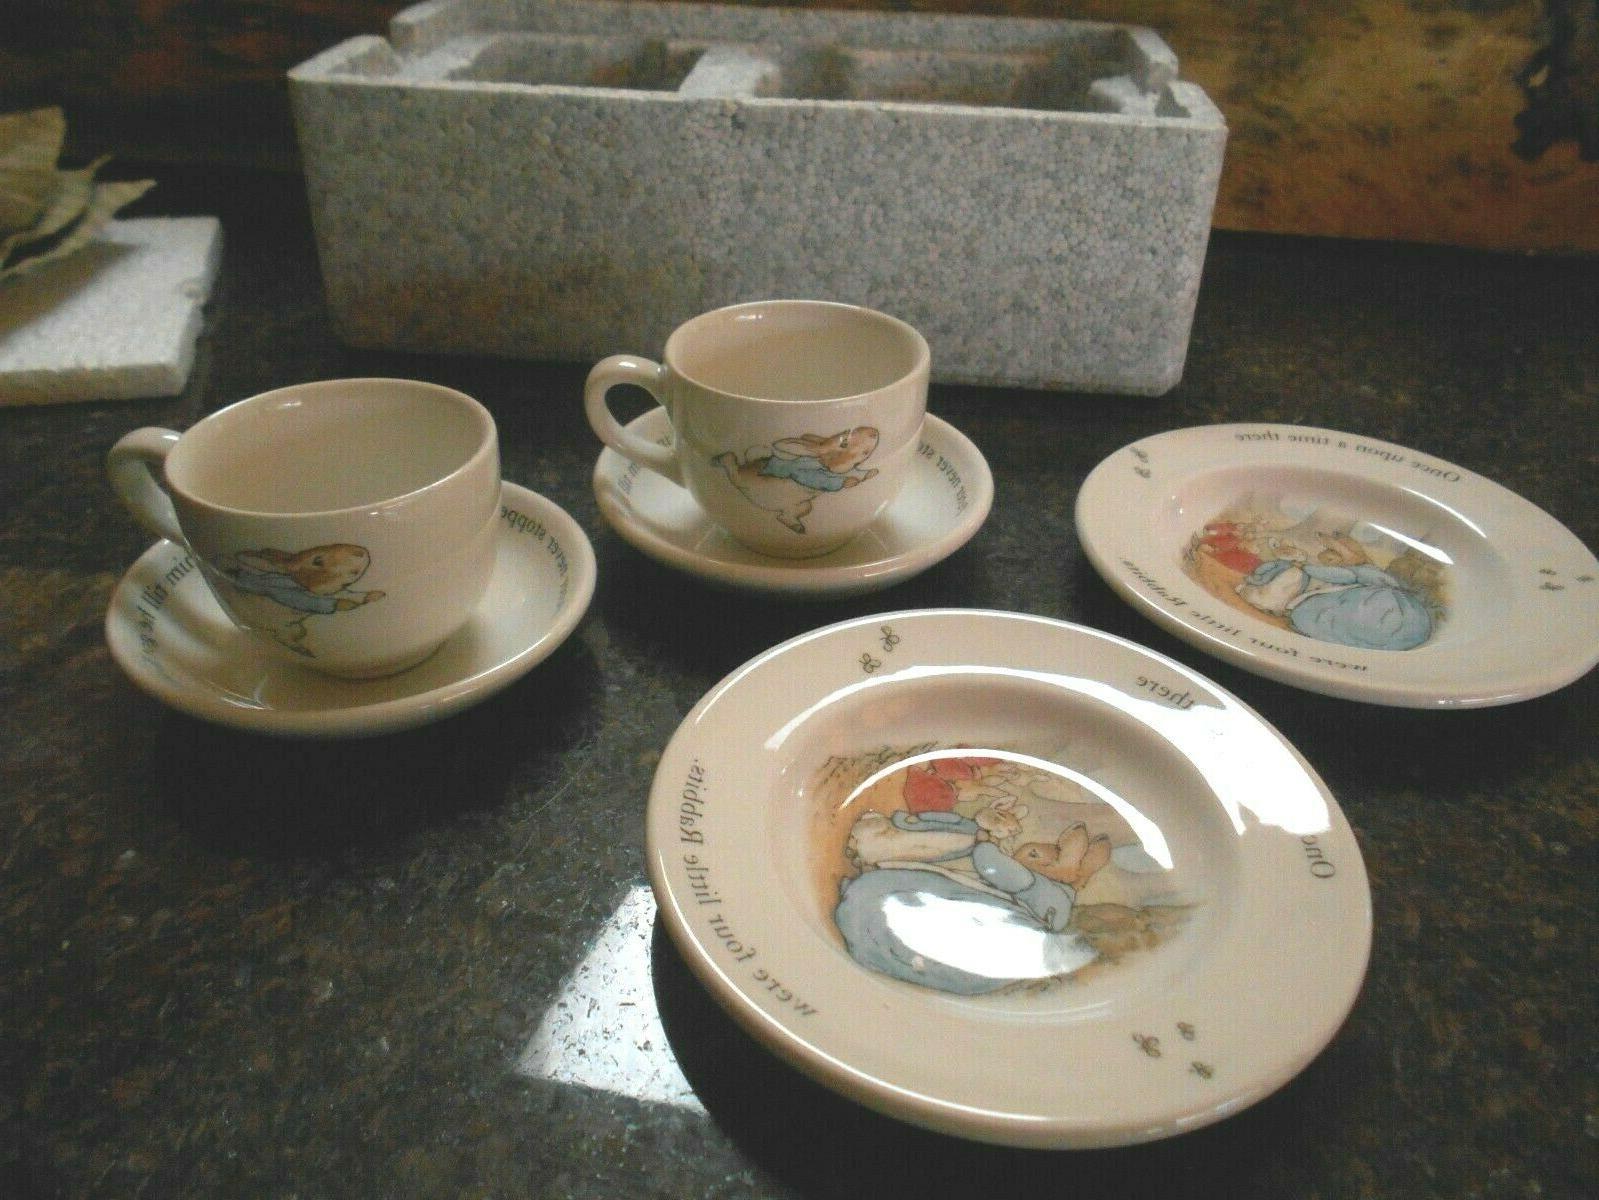 Peter Rabbit Children's 6 piece Tea Set